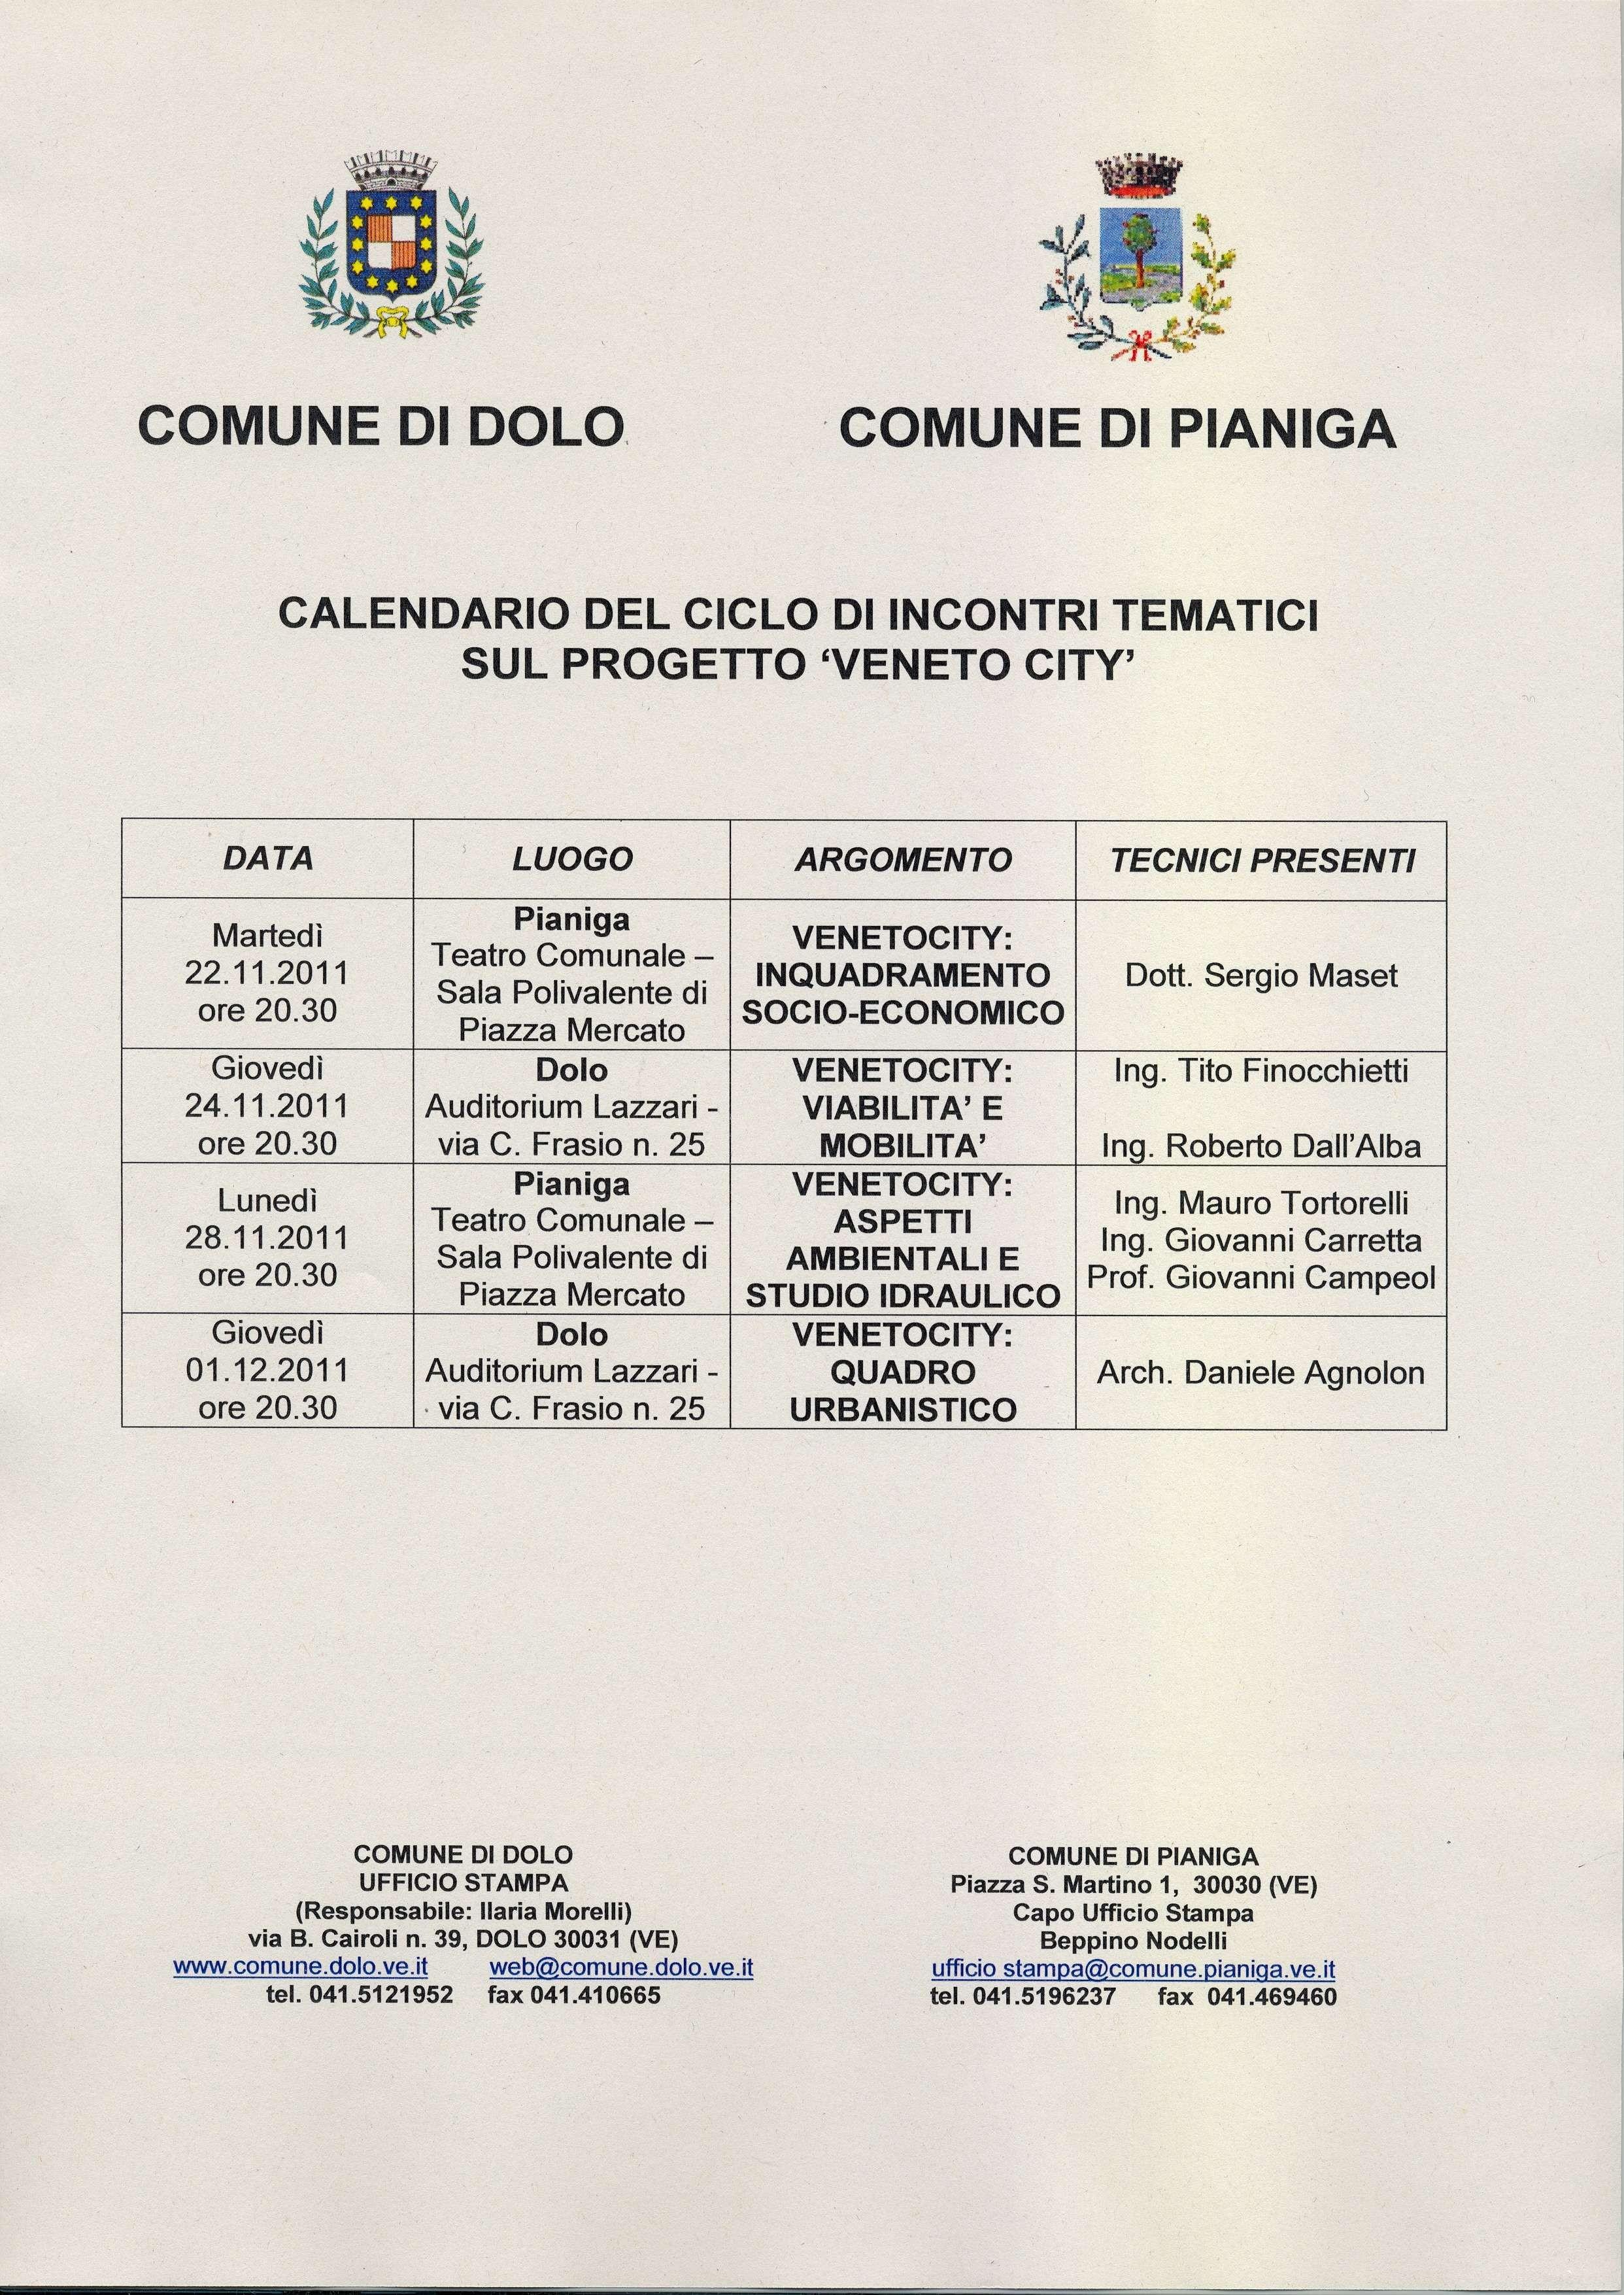 Calendario Gennaio 2019 Da Stampare Más Arriba-a-fecha Unicato Stampa Dei Uni Di Dolo E Pianiga Promosso Dalle Due